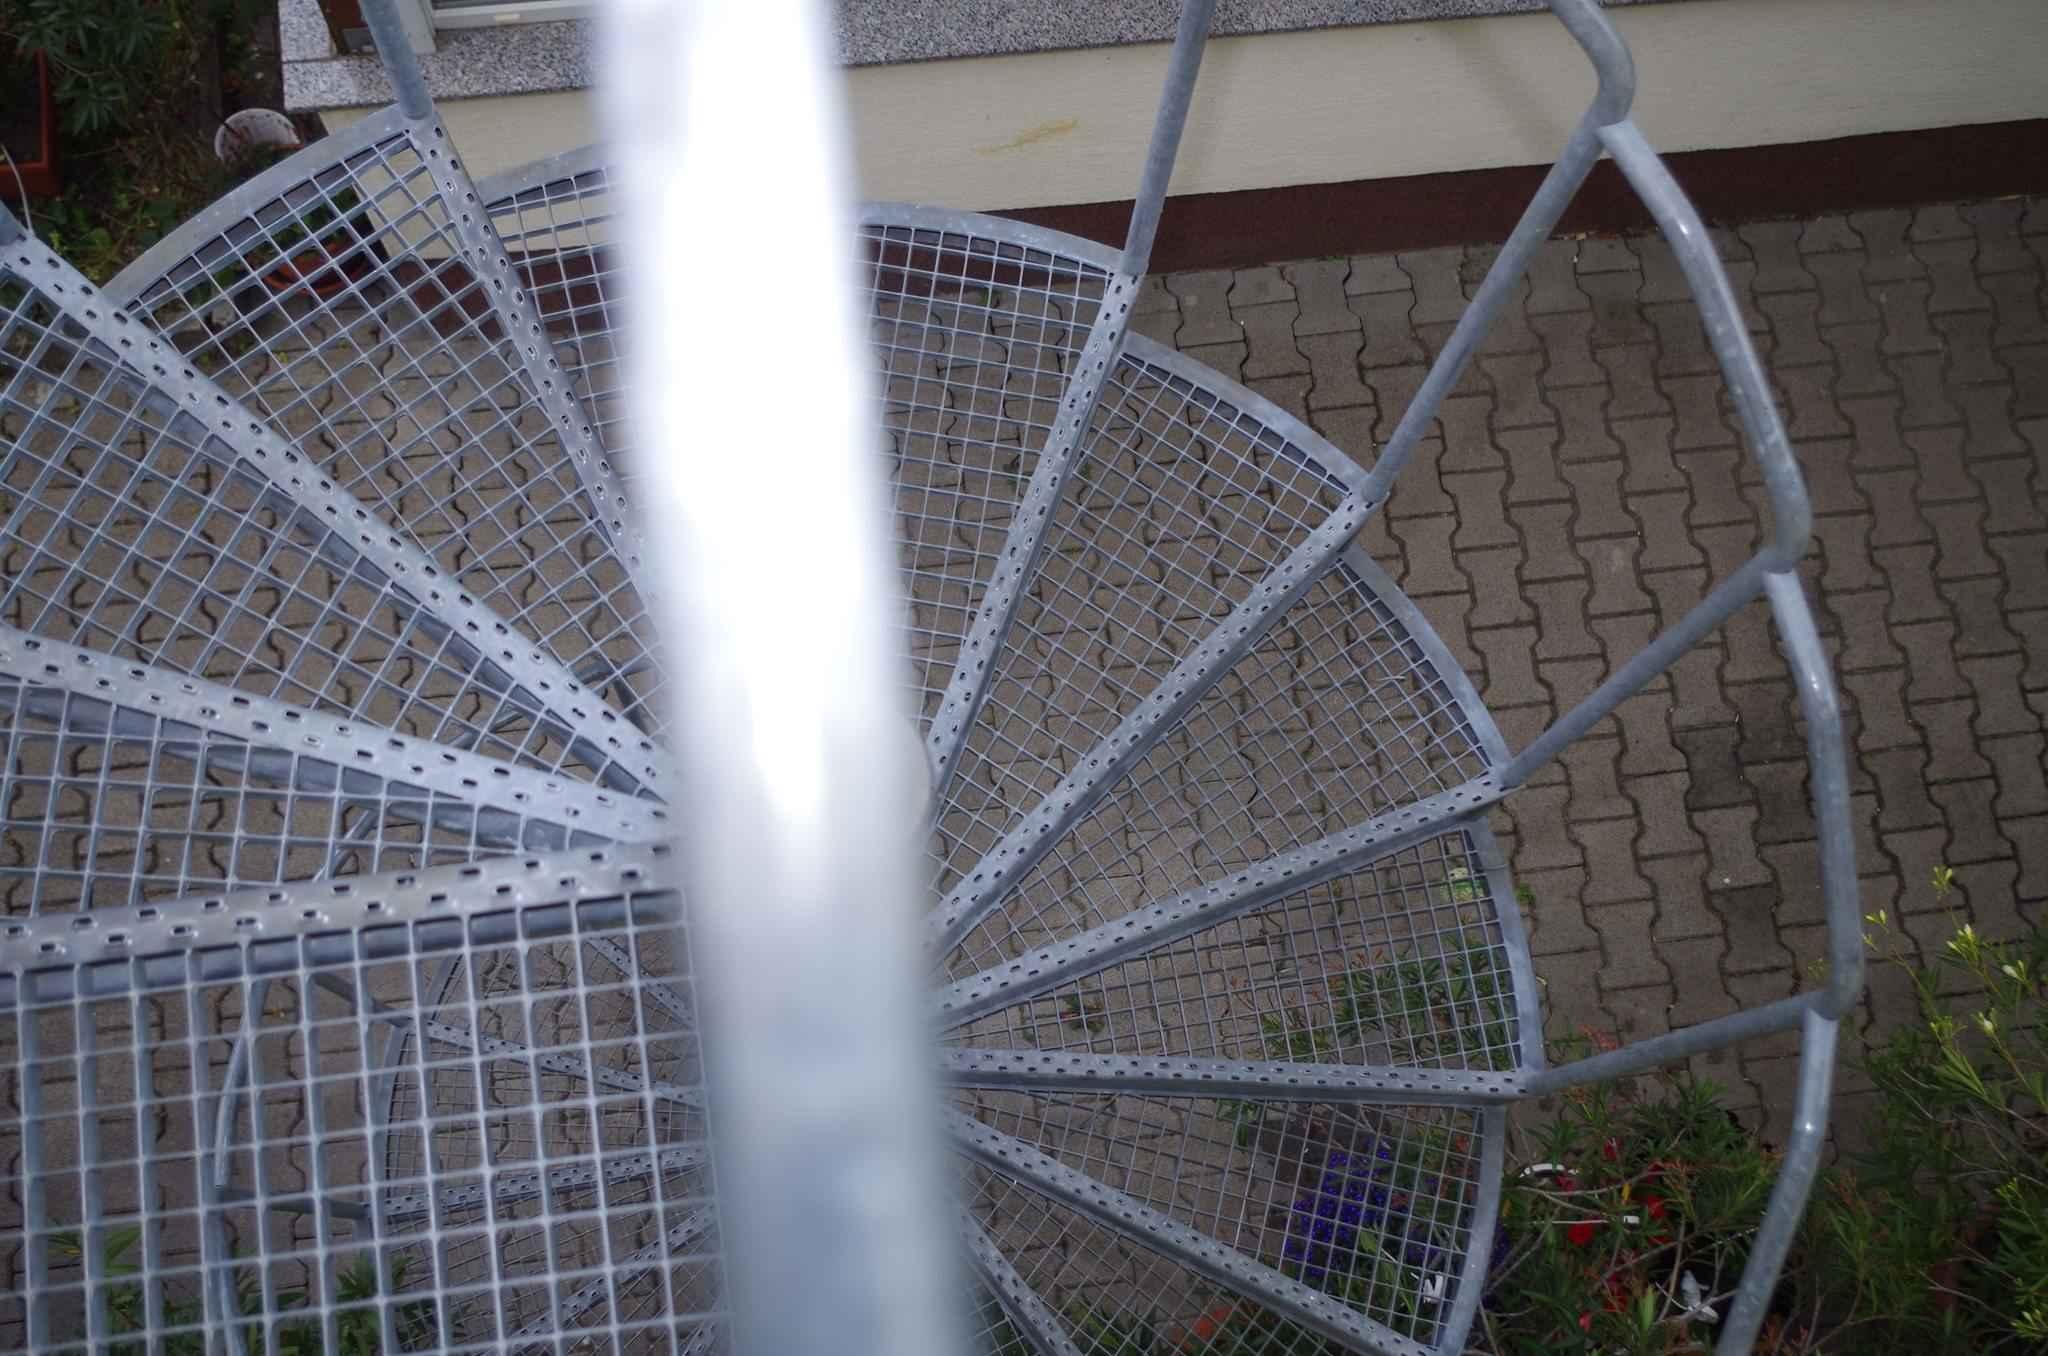 Ferienwohnung klímával és wiF  in Ungarn